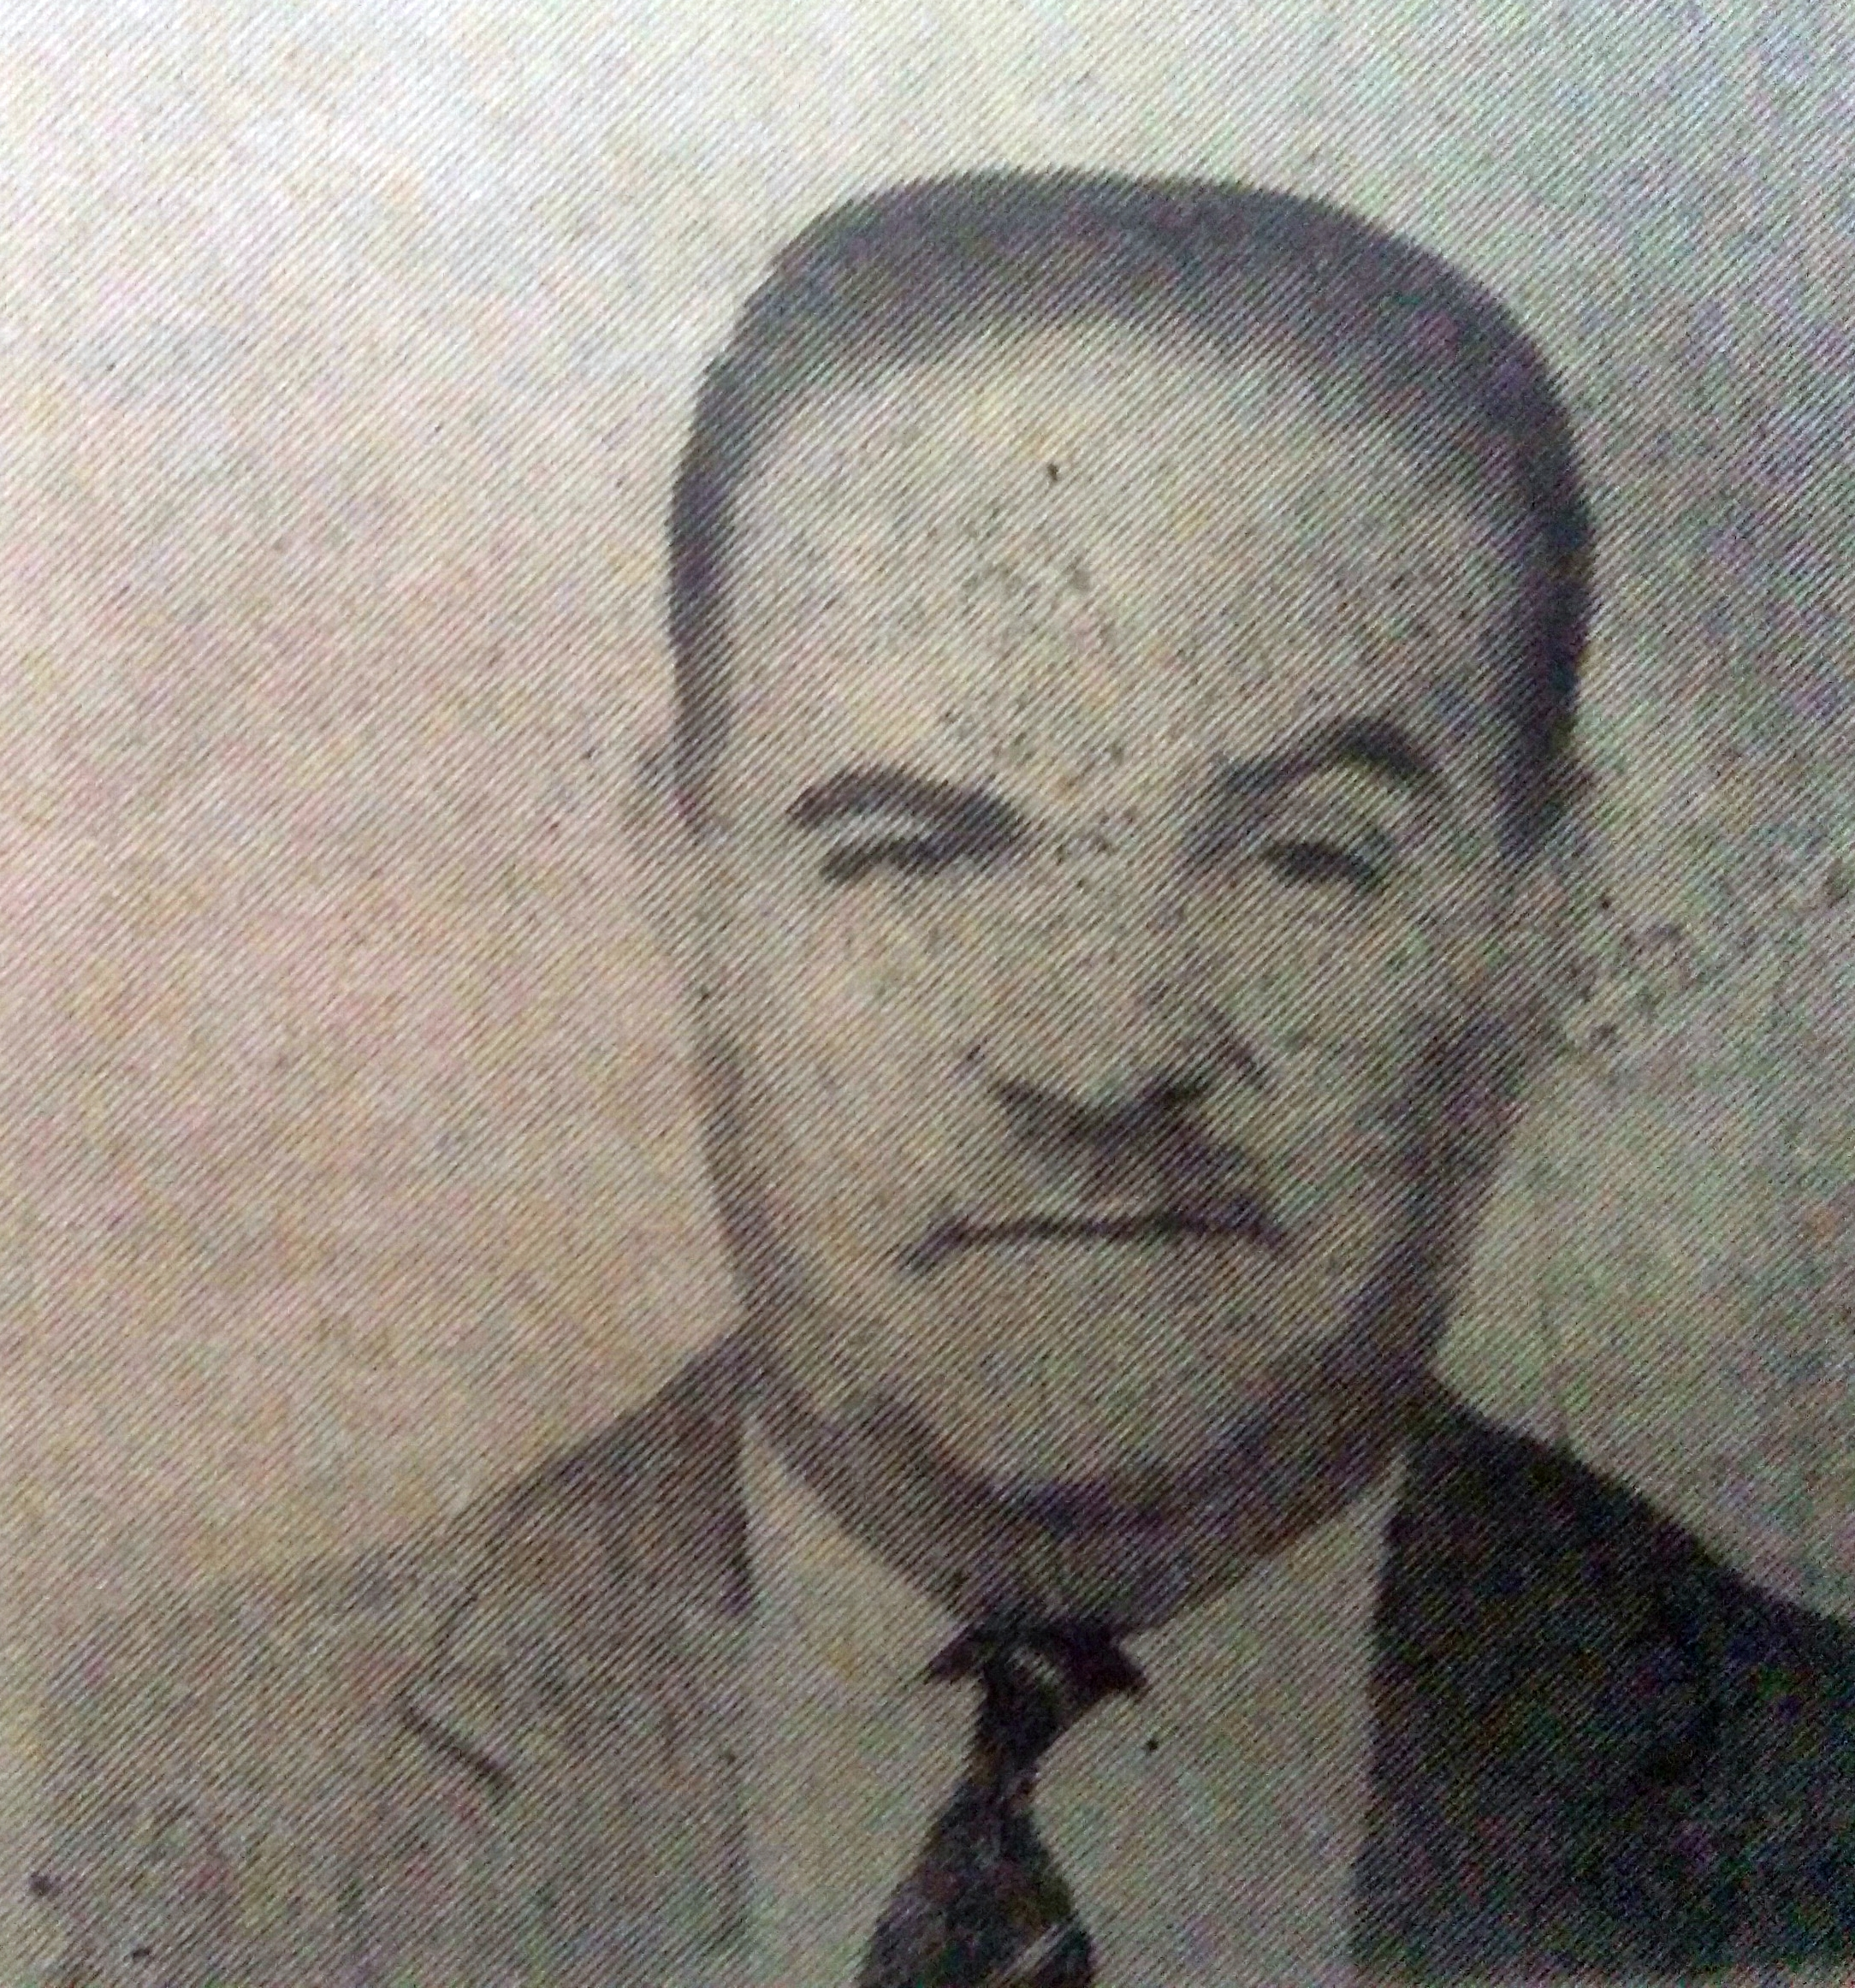 El maestro y artista plástico, Don Tomás Héctor Casullo (1914-1970).